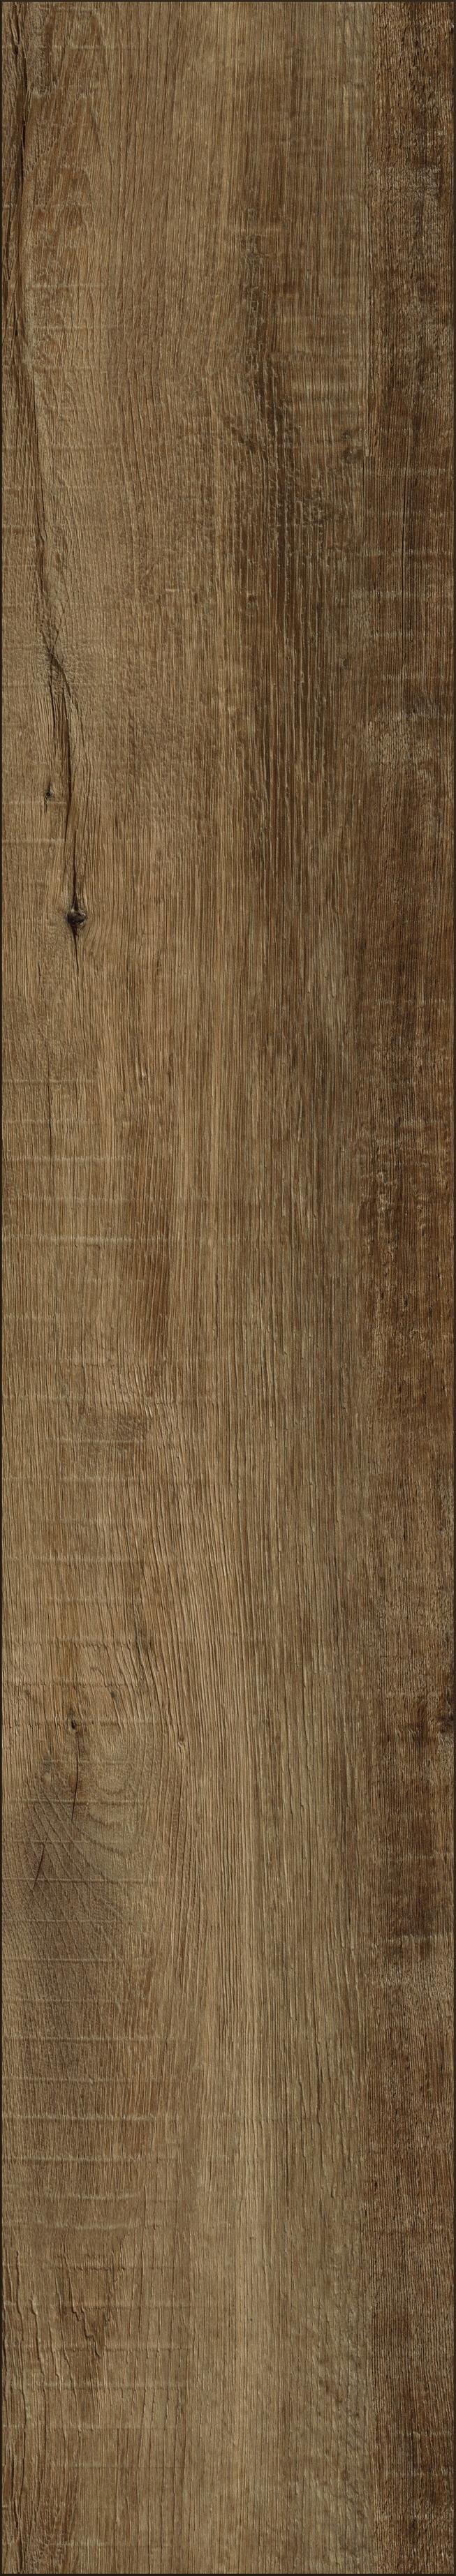 kronotex exquisit plus laminat gala eiche natur d 4783. Black Bedroom Furniture Sets. Home Design Ideas